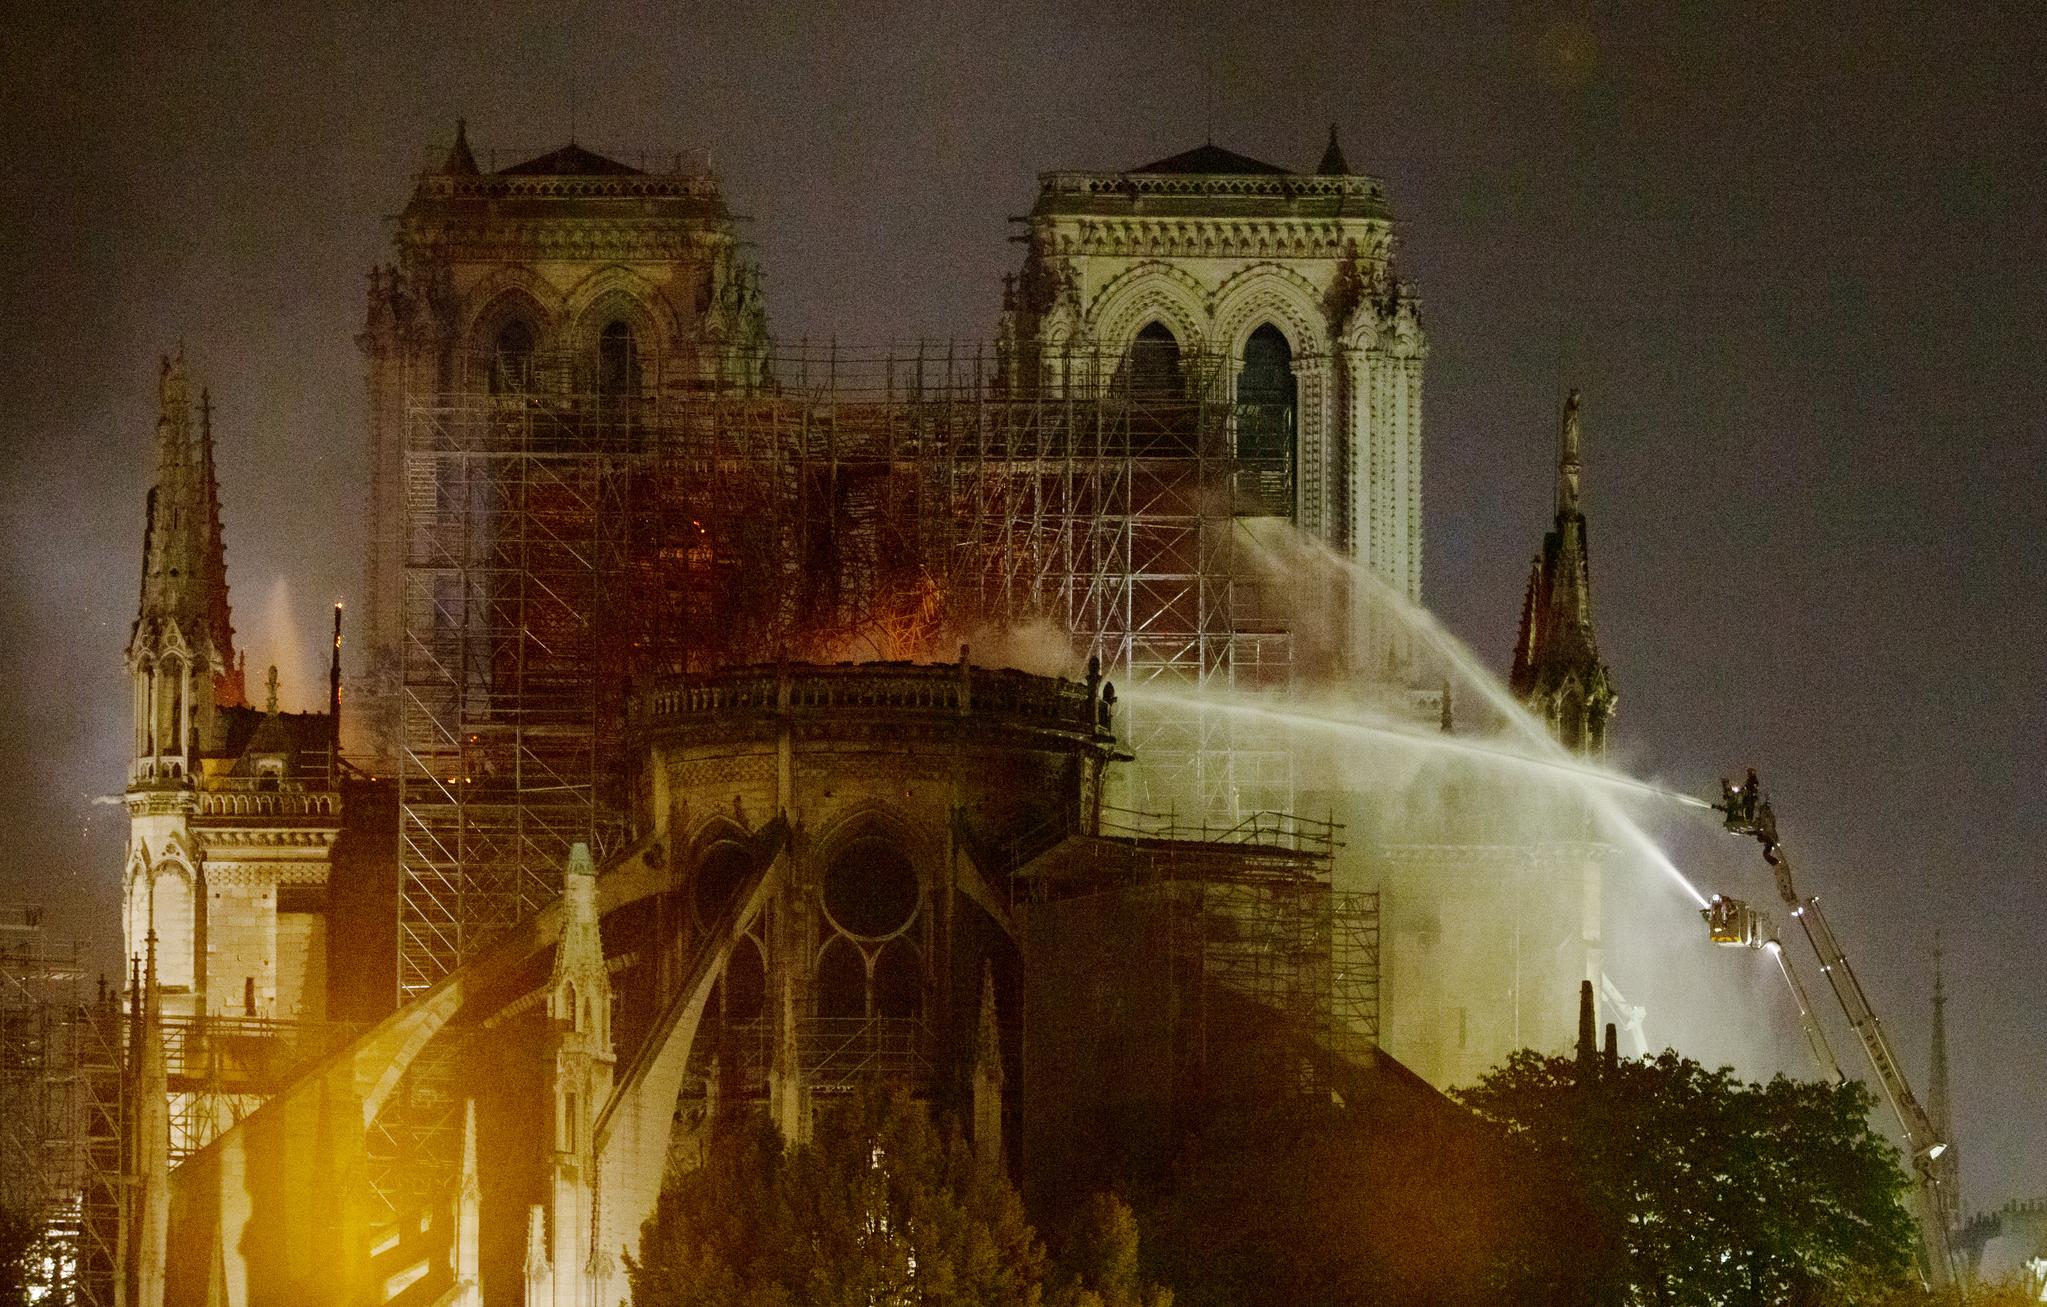 15일 오후(현지시간) 프랑스 파리 노트르담 대성당에 화재가 발생, 소방관들이 진화작업을 벌이고 있다. [뉴시스]